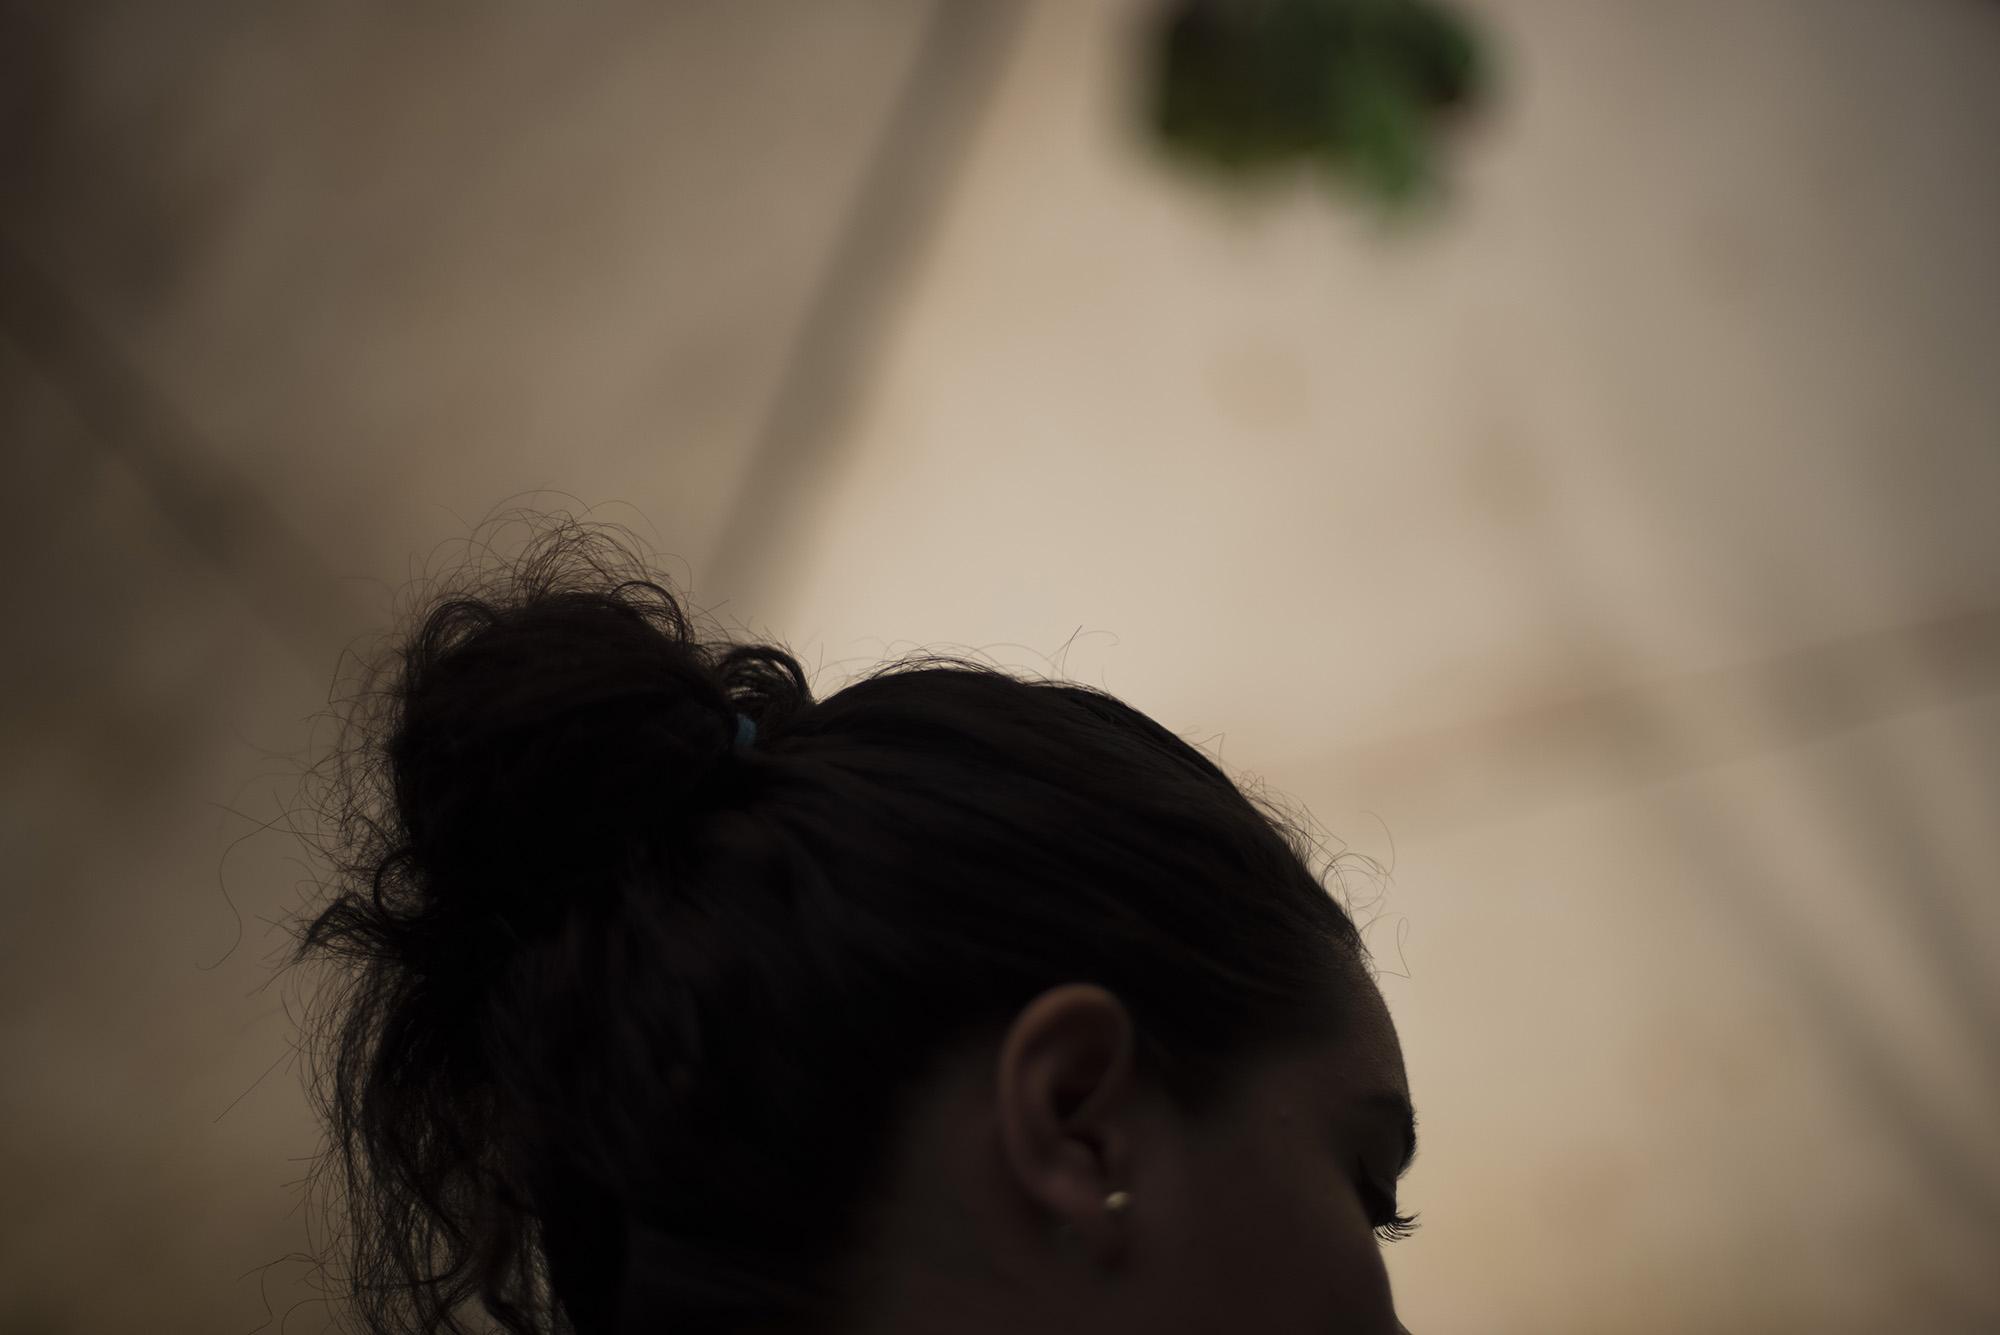 Habe pidió ocultar su identidad y lugar de residencia por miedo a represalias de la pandilla Barrio 18 Sureños, después de que ella saliera durante siete meses con un pandillero que la acusó a ella y a 75 personas de distintos homicidios